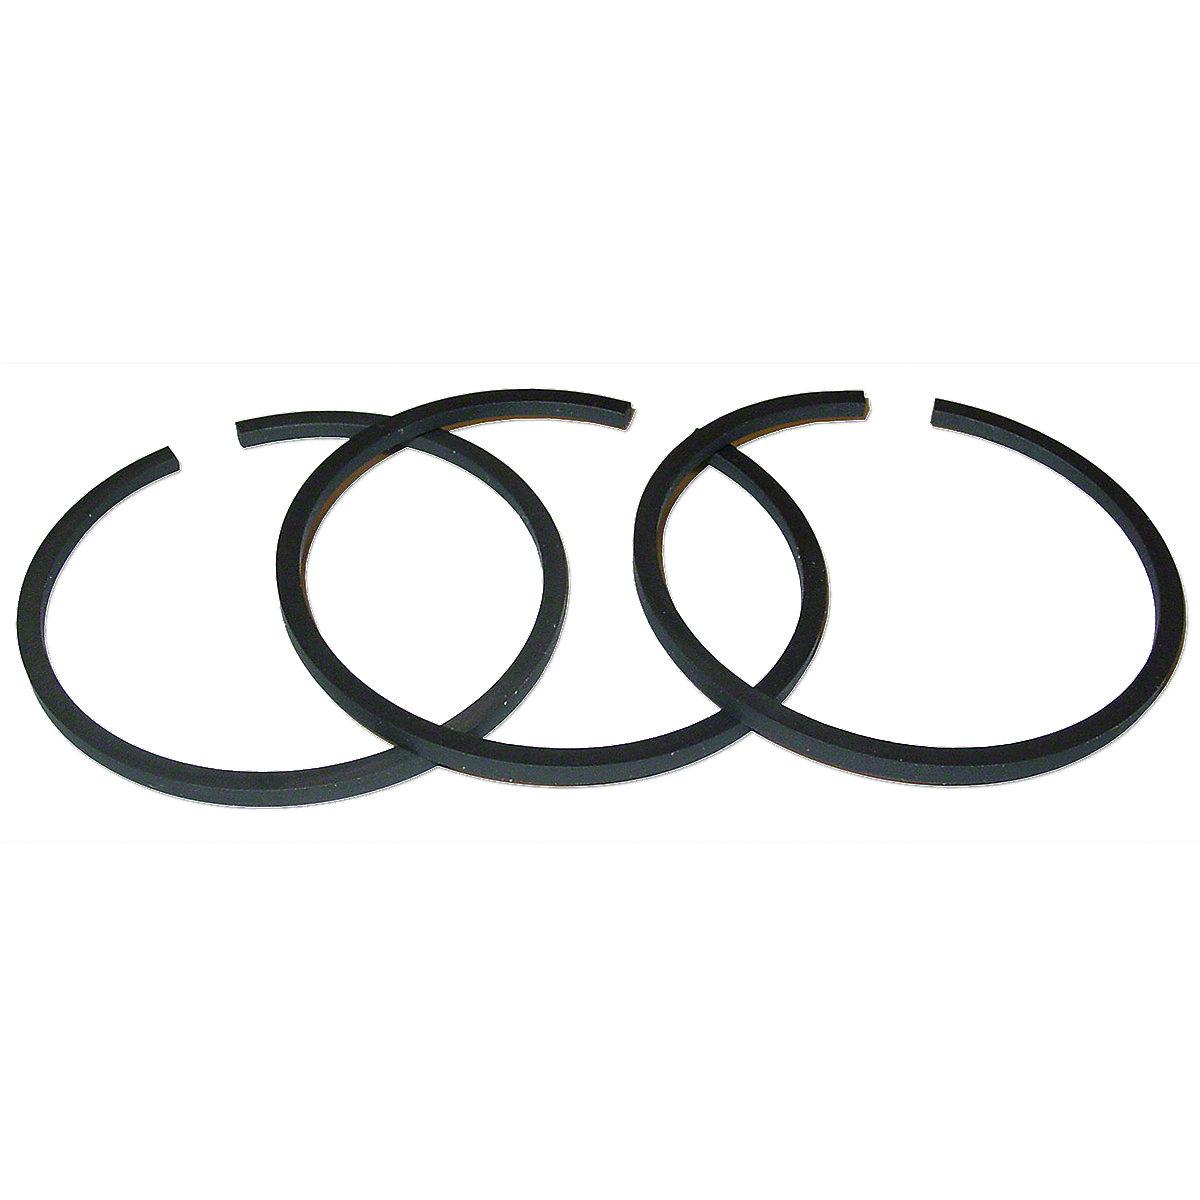 Hydraulic Lift Piston Ring Set For Massey Ferguson: TE20, TEA20, TO20, TO30, TO35, 40.